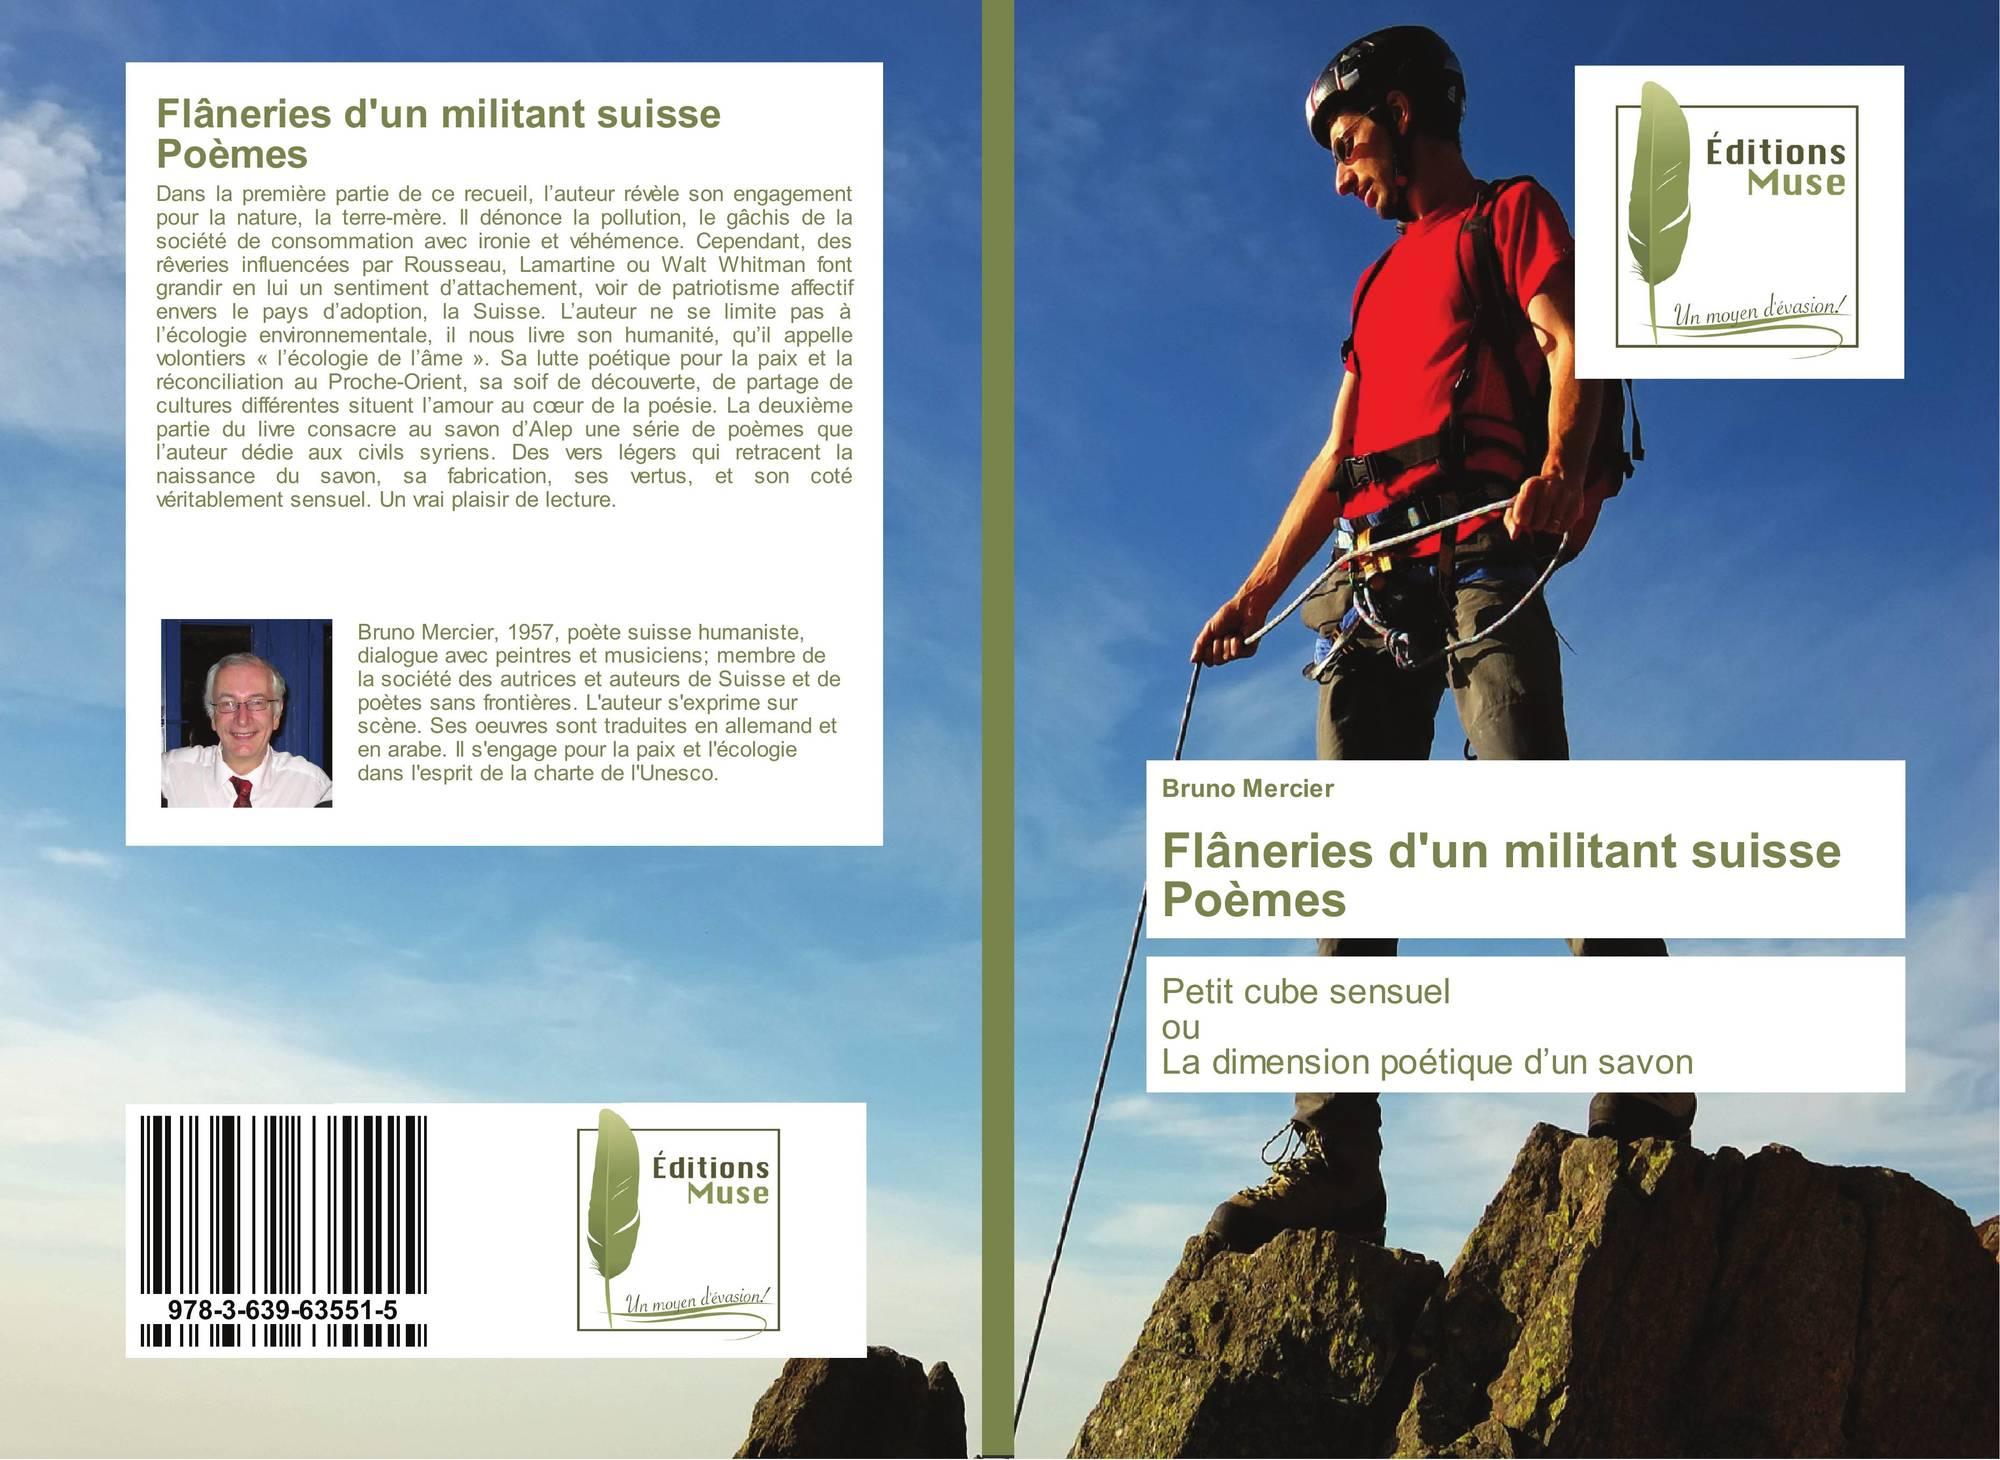 Flâneries Dun Militant Suisse Poèmes 978 3 639 63551 5